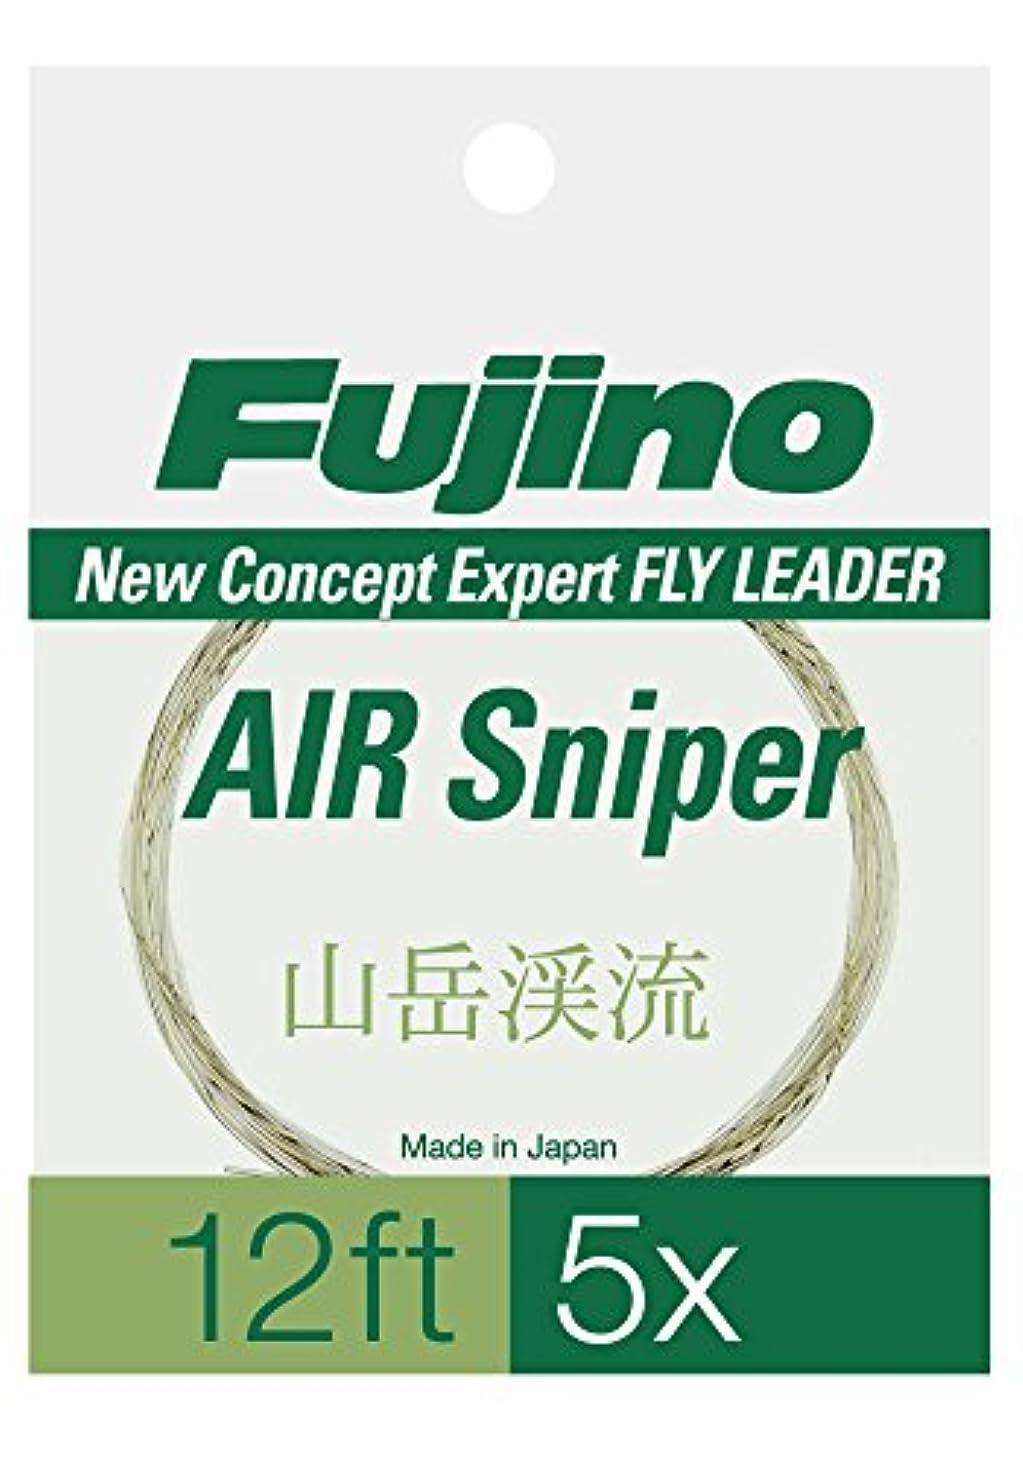 流用するゲージ寛容なFujino(フジノ) エアースナイパー山岳渓流 12ft 2個入り4X